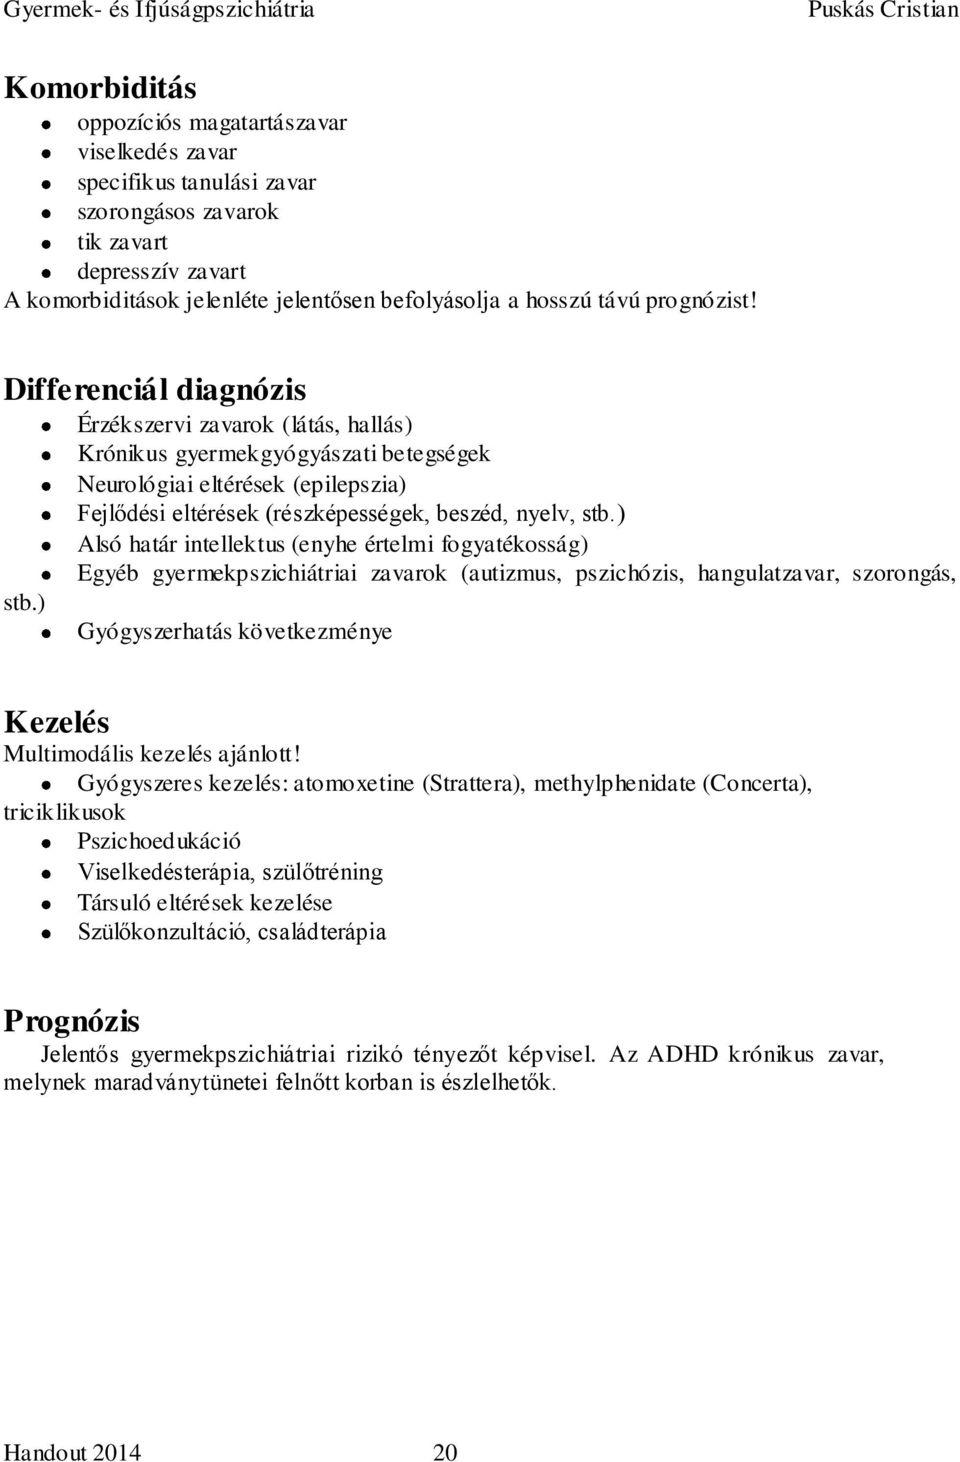 hogyan kell kezelni a papillómákat a nyelven)